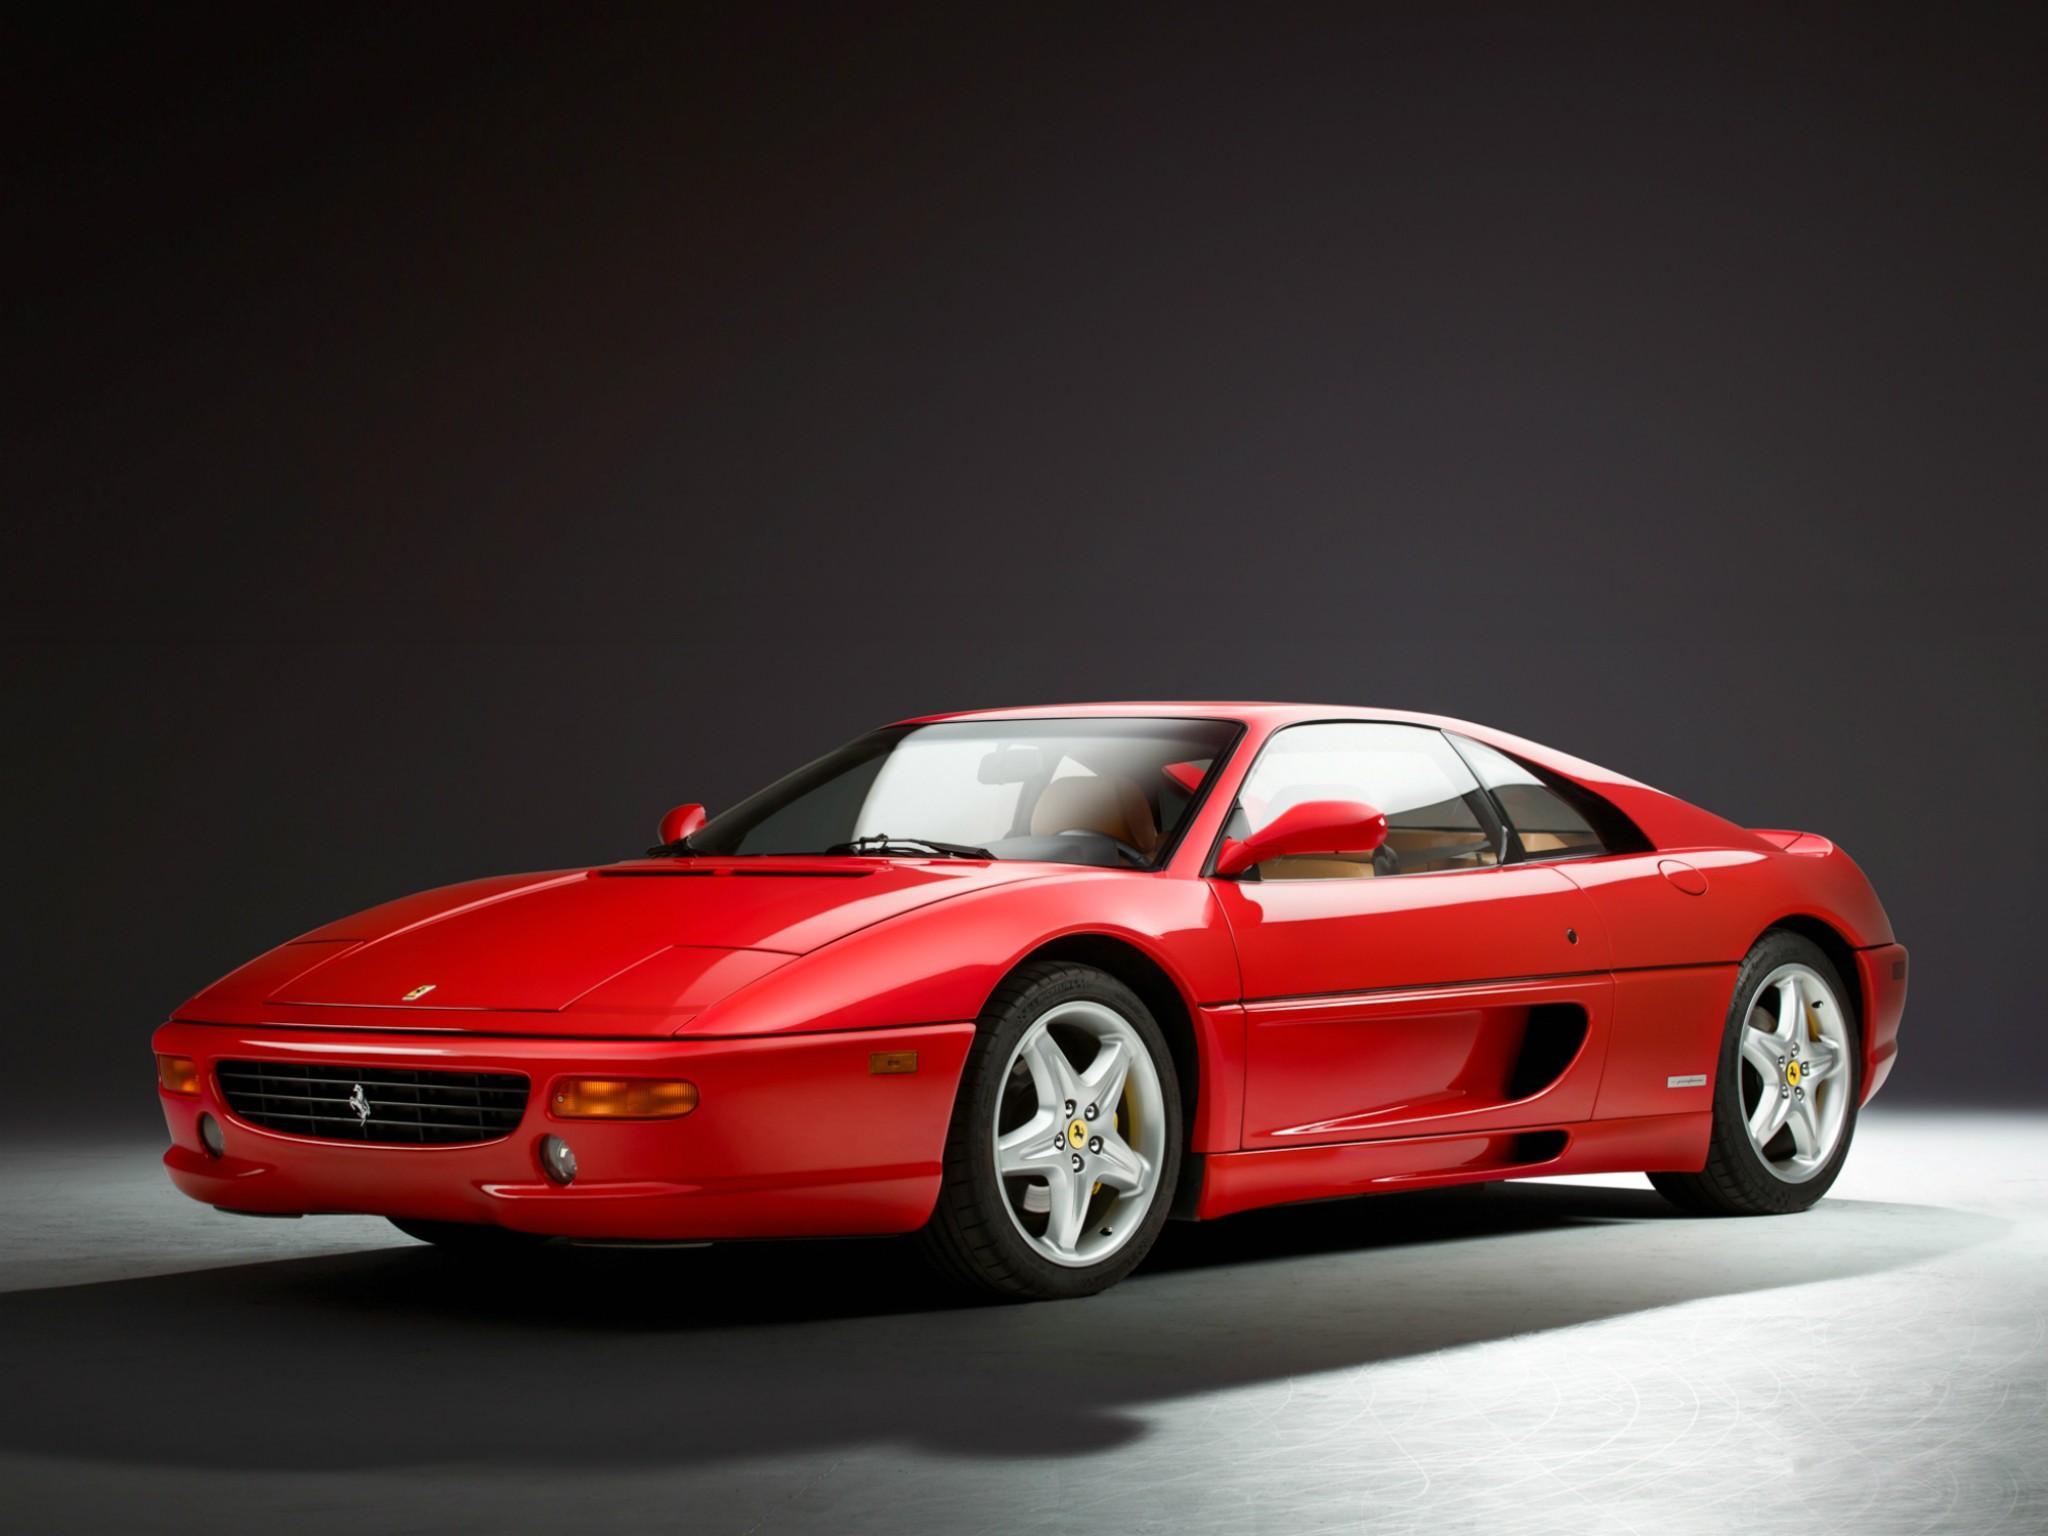 Ferrari F40 For Sale >> FERRARI F355 specs & photos - 1994, 1995, 1996, 1997, 1998 ...